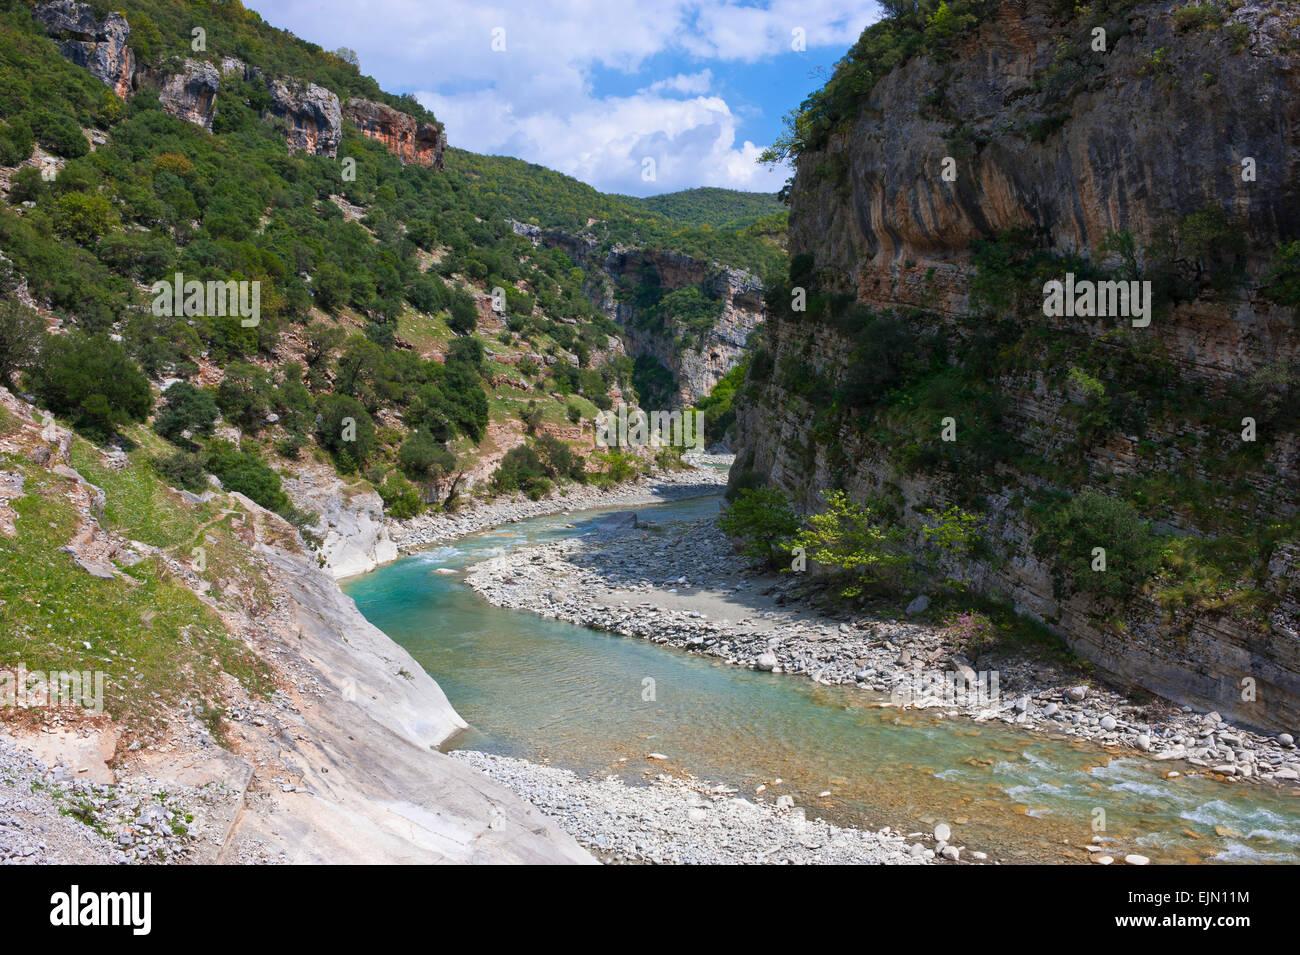 Shkumbin river, Balkan, Albania - Stock Image